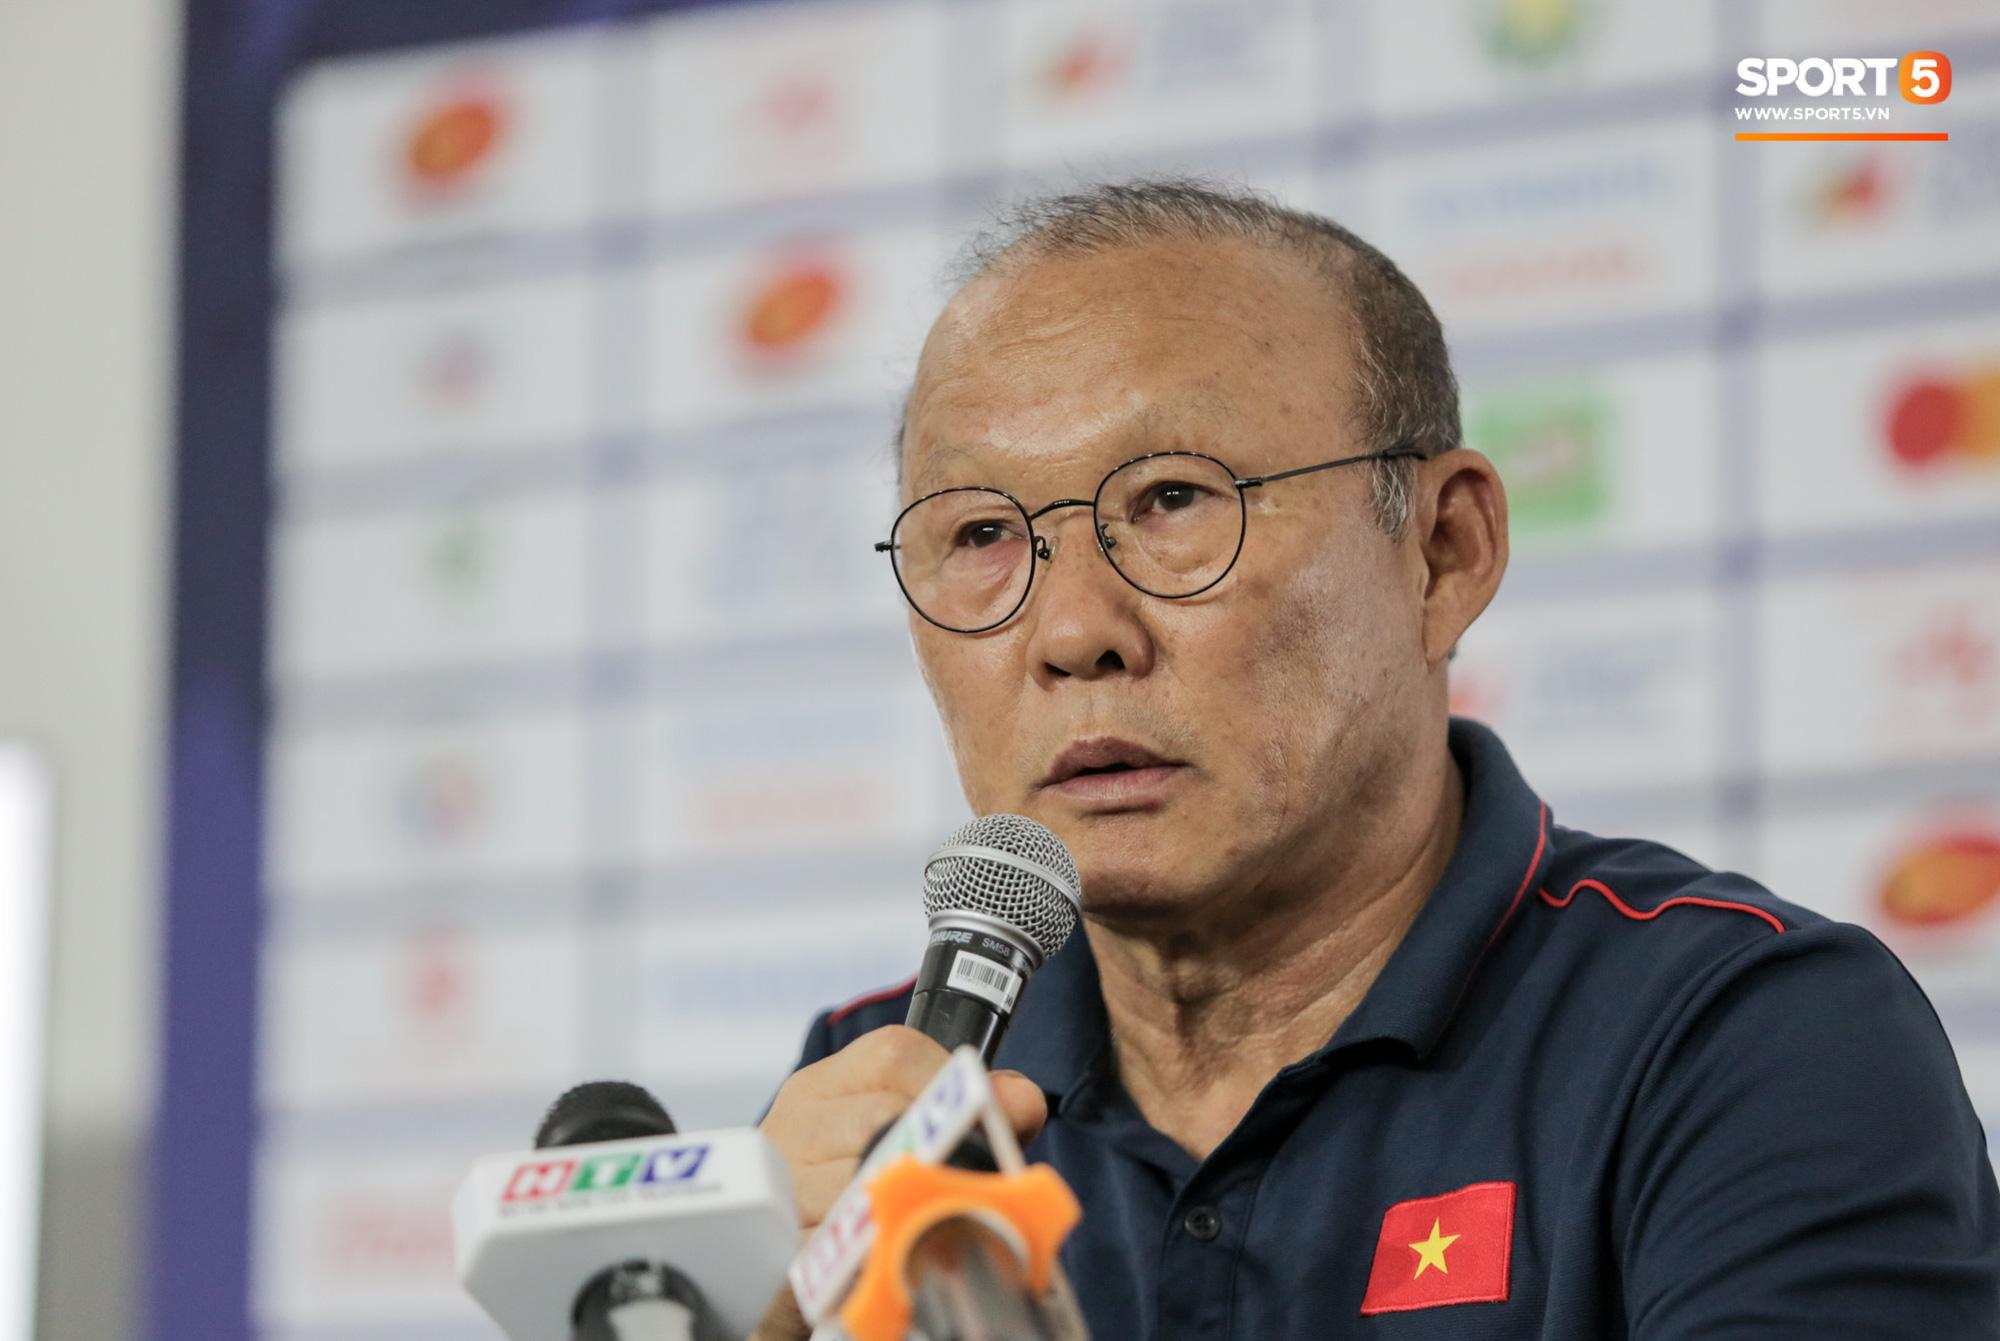 Chuyện giờ mới kể: HLV Park Hang-seo suýt bị cách ly ở U22 Việt Nam trước trận gặp Campuchia - Ảnh 1.